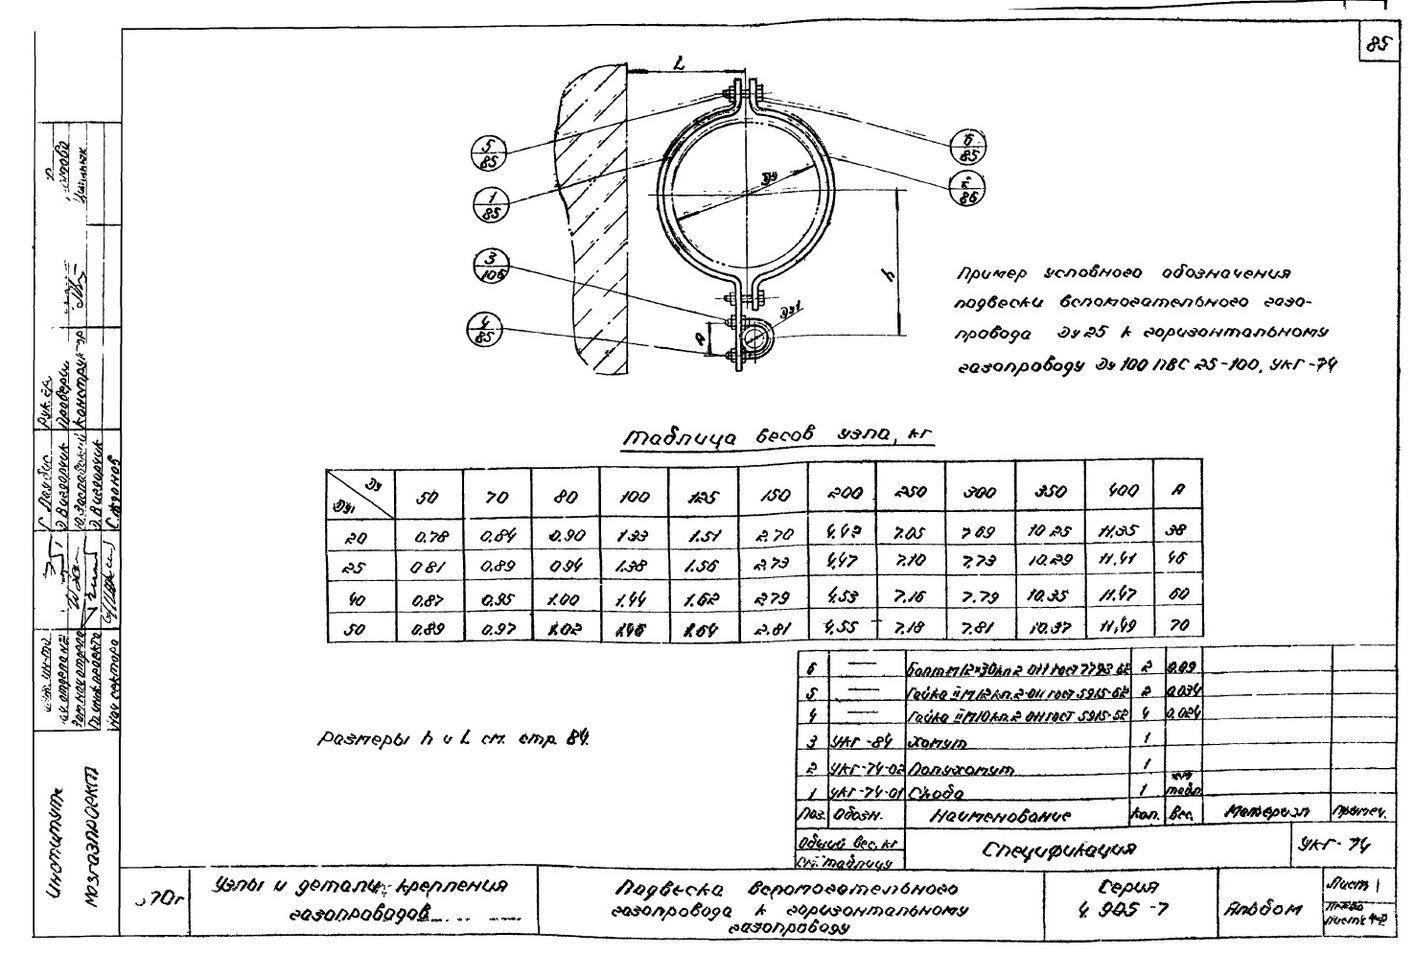 Подвеска вспомогательного газопровода к горизонтальному газопроводу УКГ-74 серия 4.905-7